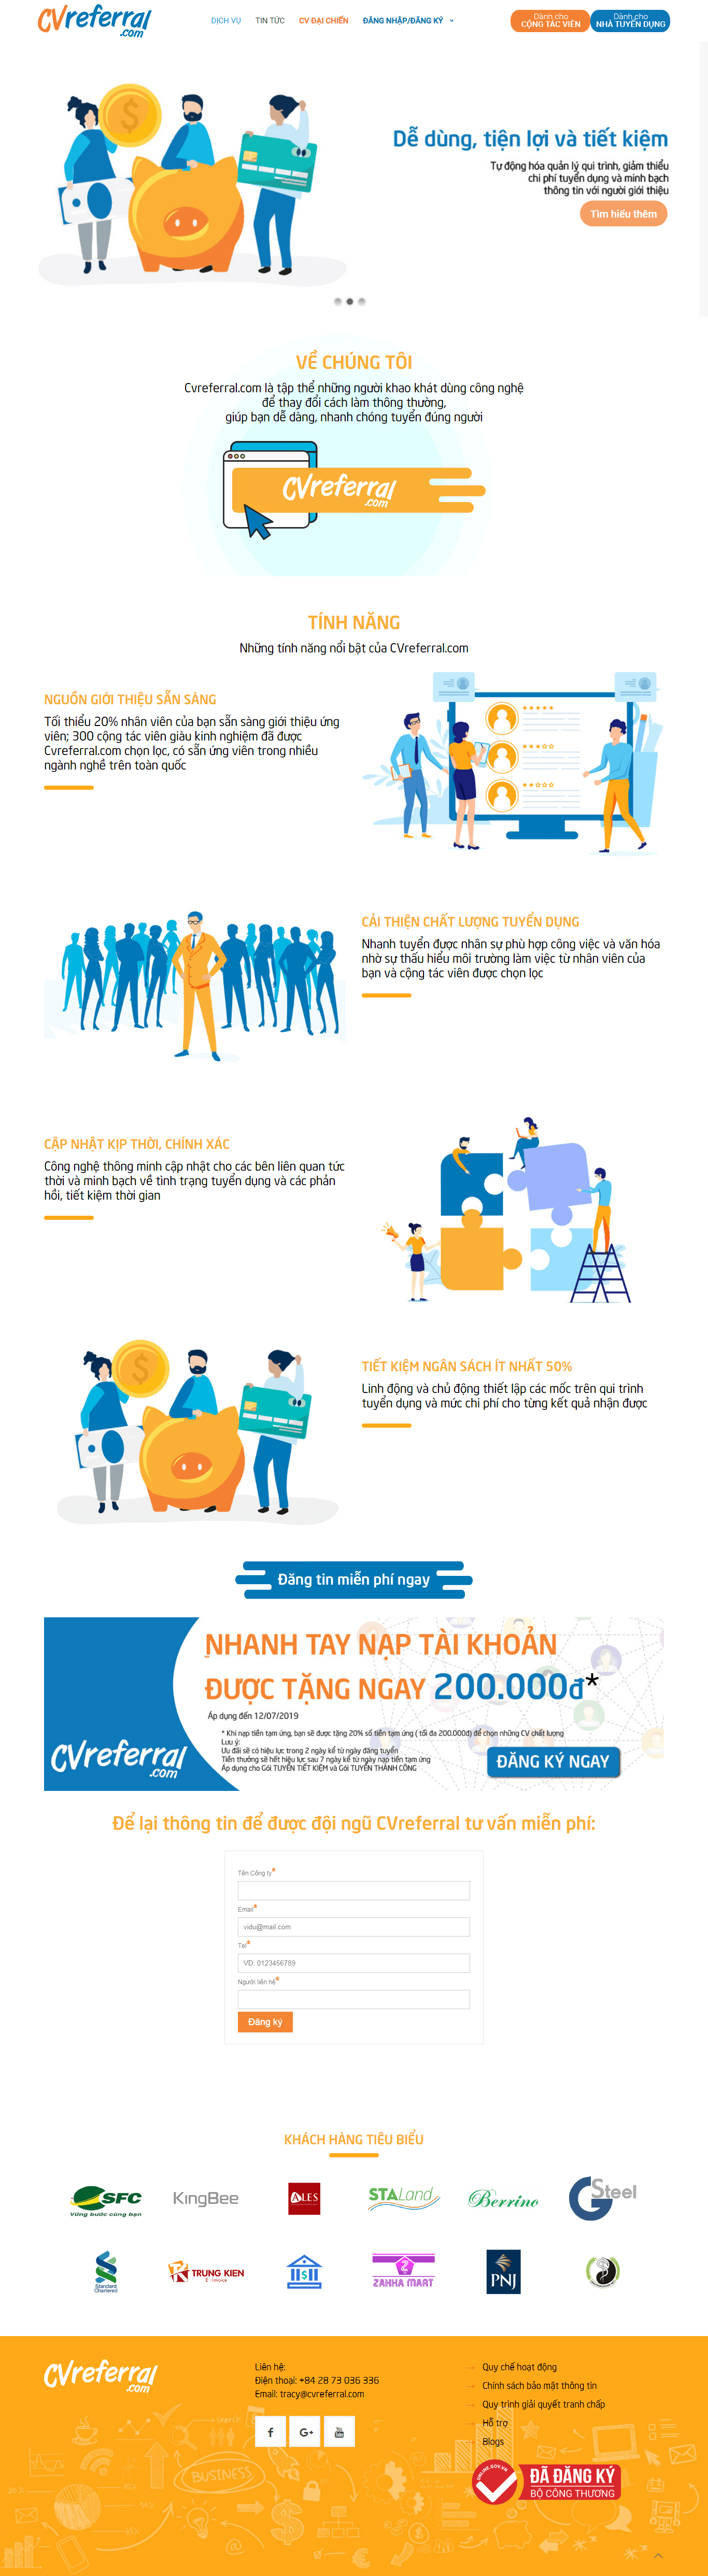 Thiết kế website tuyển dụng - cvreferral.com đẹp SEO nhanh hiệu quả